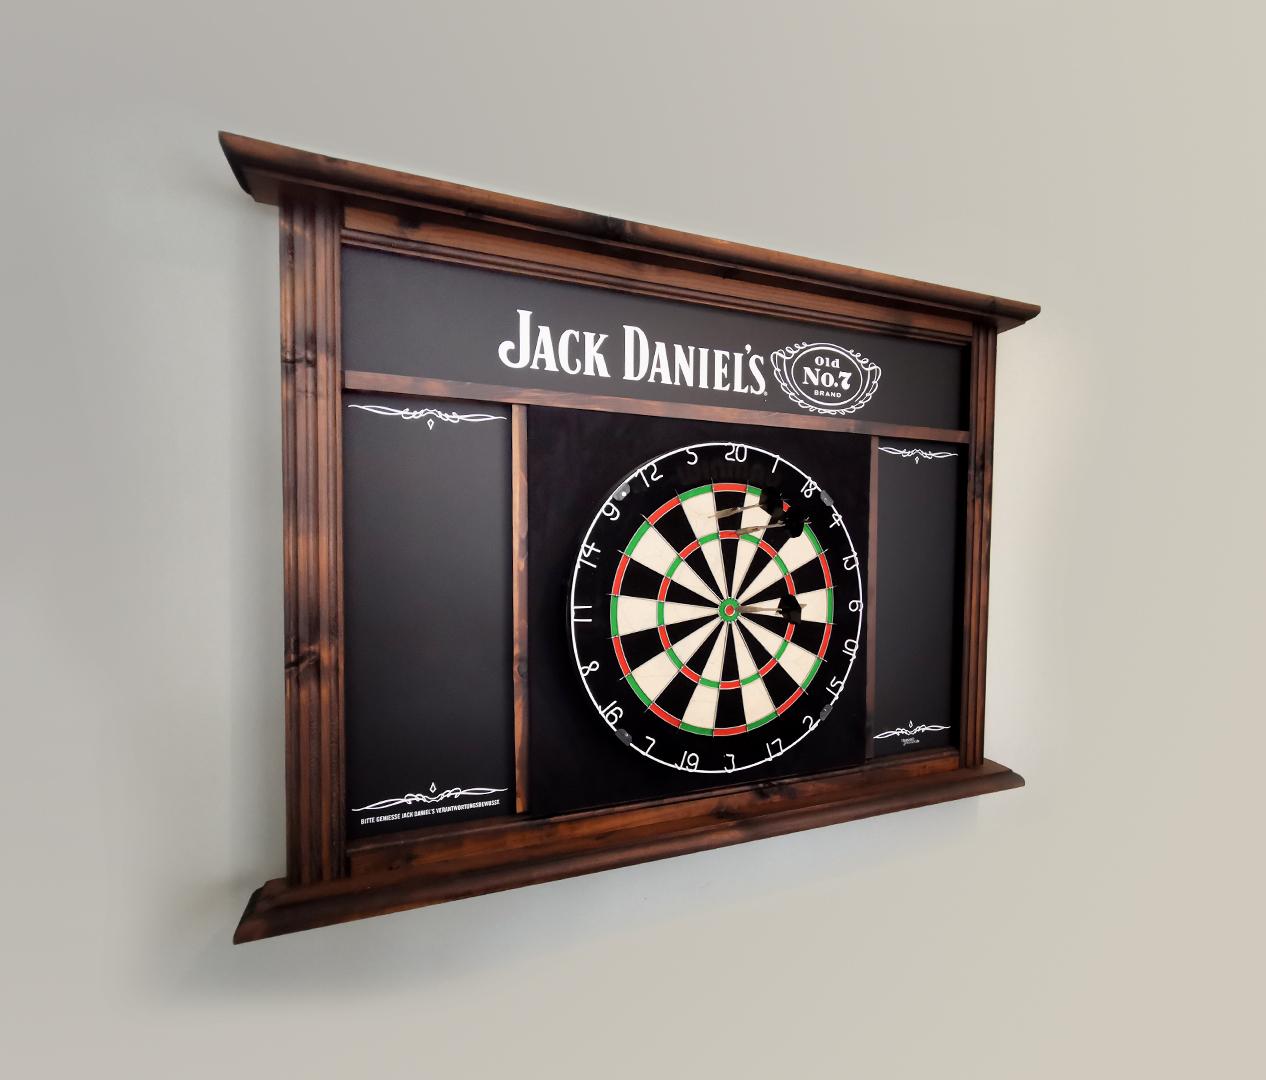 Jack Daniel's - Dartscheibe - Zweyloeven Werbeproduktion GmbH